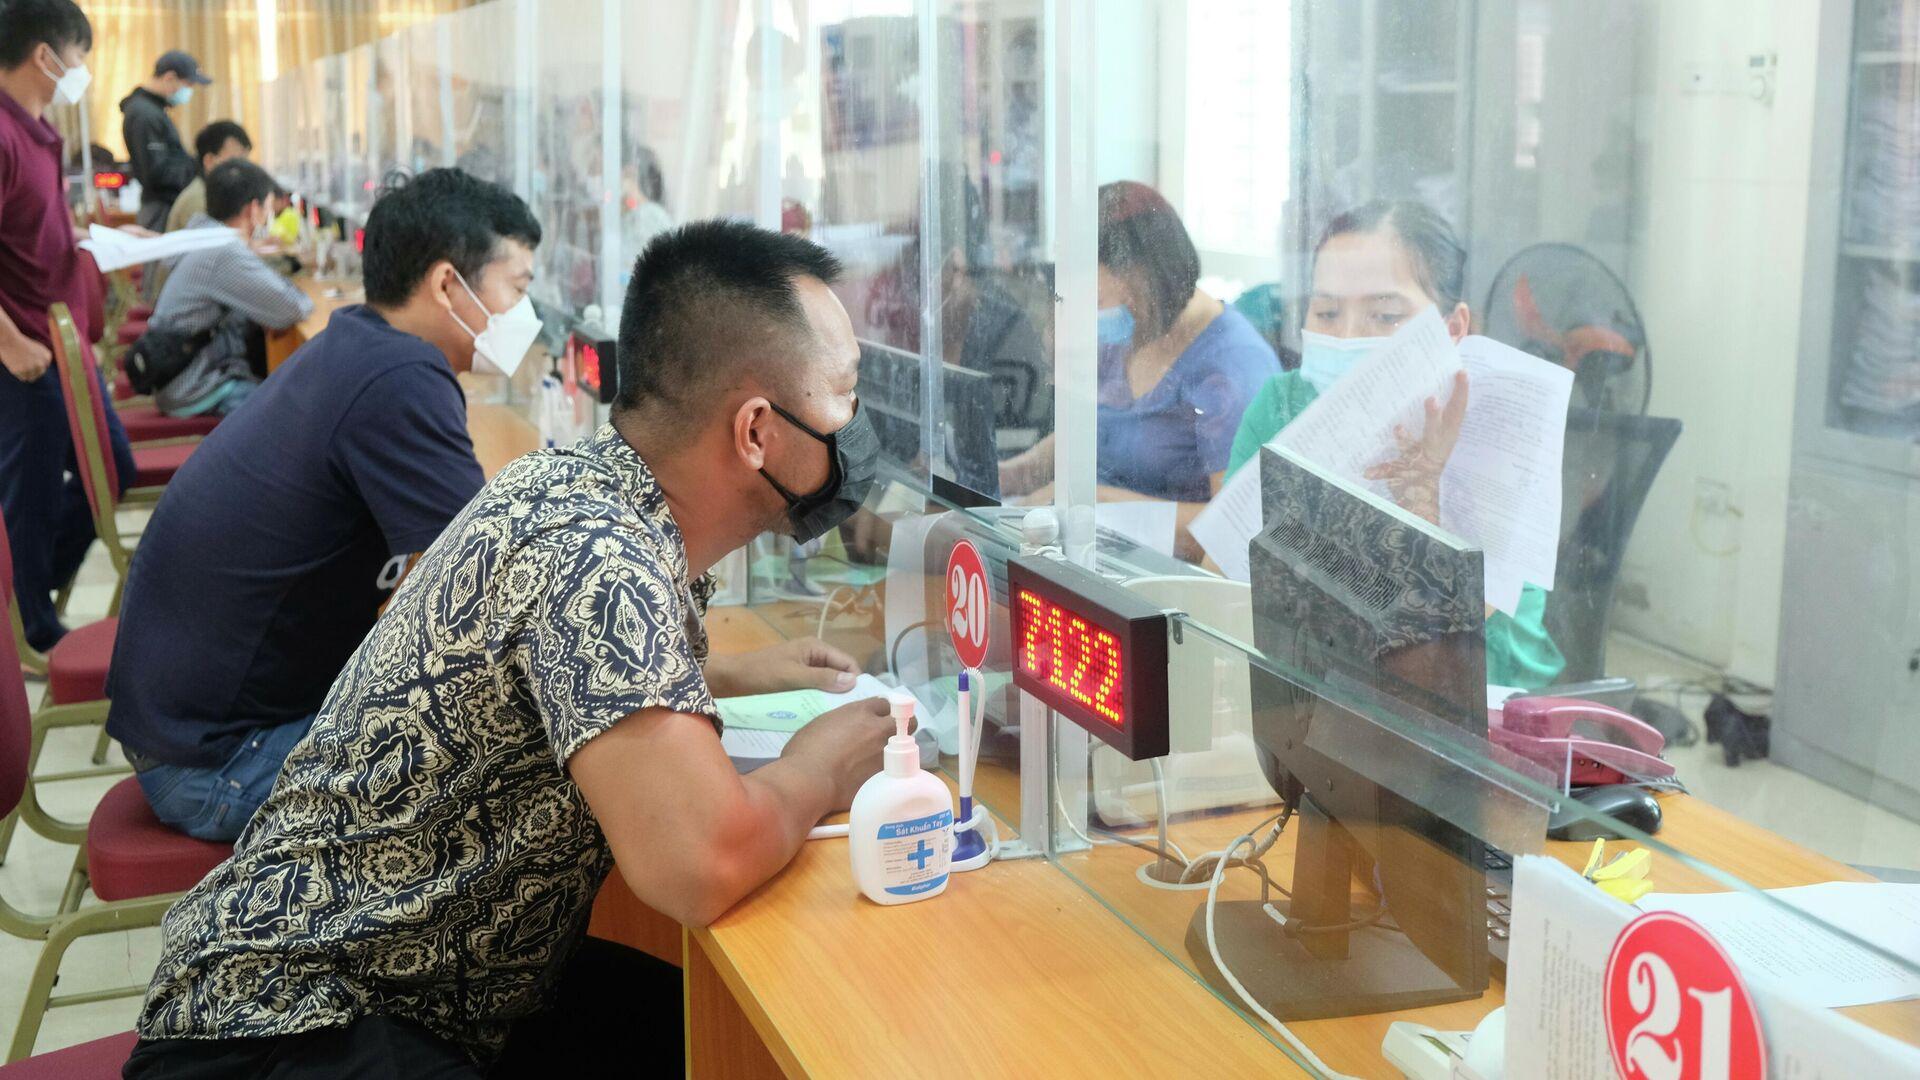 Đối tượng người lao động đề nghị hưởng trợ cấp thất nghiệp chiếm tỷ lệ cao nhất từ 25 - 40 tuổi, trong đó, số người lao động bị mất việc do dịch chiếm hơn 60%  - Sputnik Việt Nam, 1920, 12.10.2021